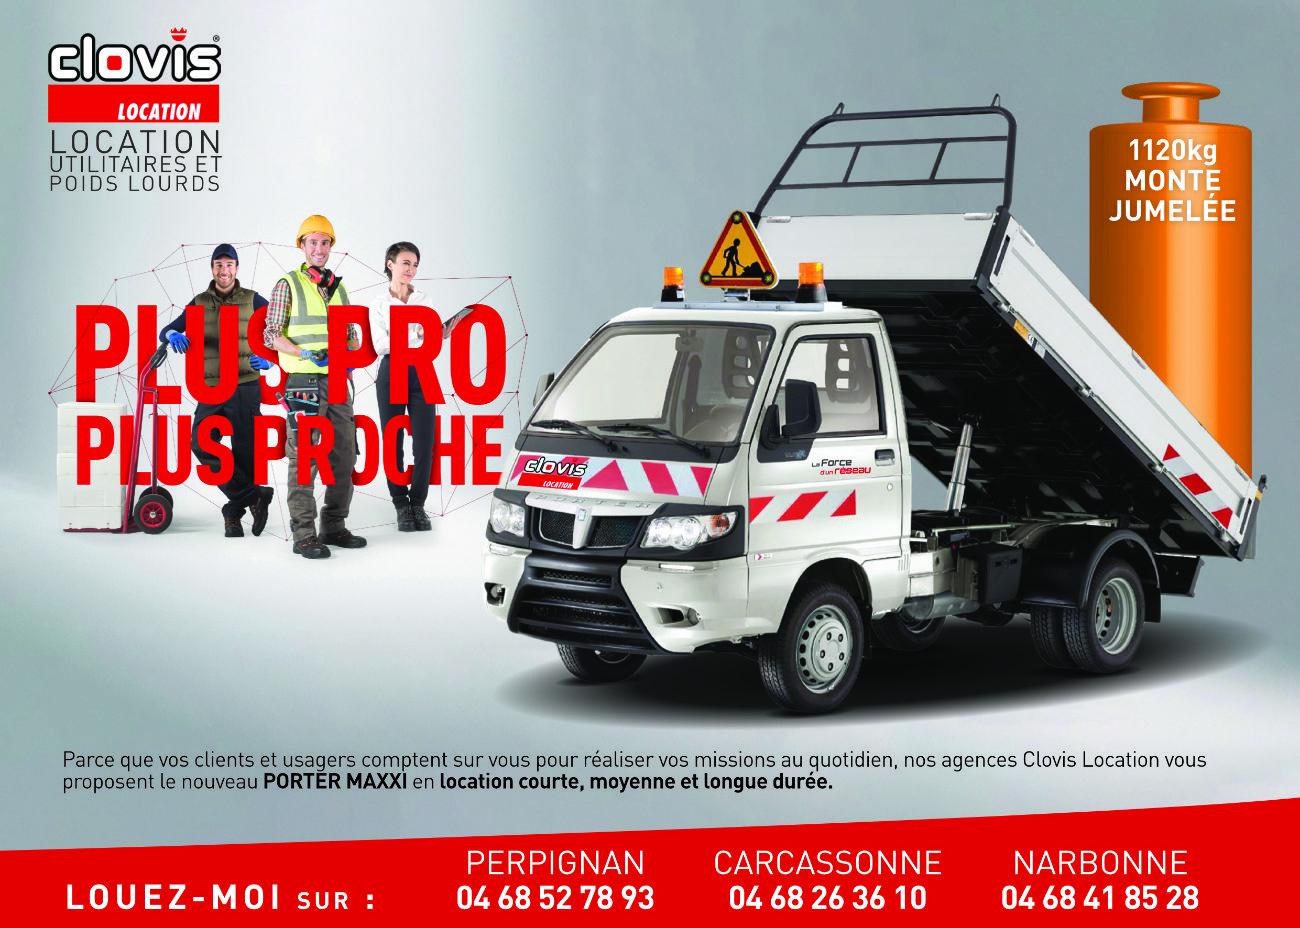 Flyer recto de promotion d'un nouveau véhicule utilitaire Piaggio Porter